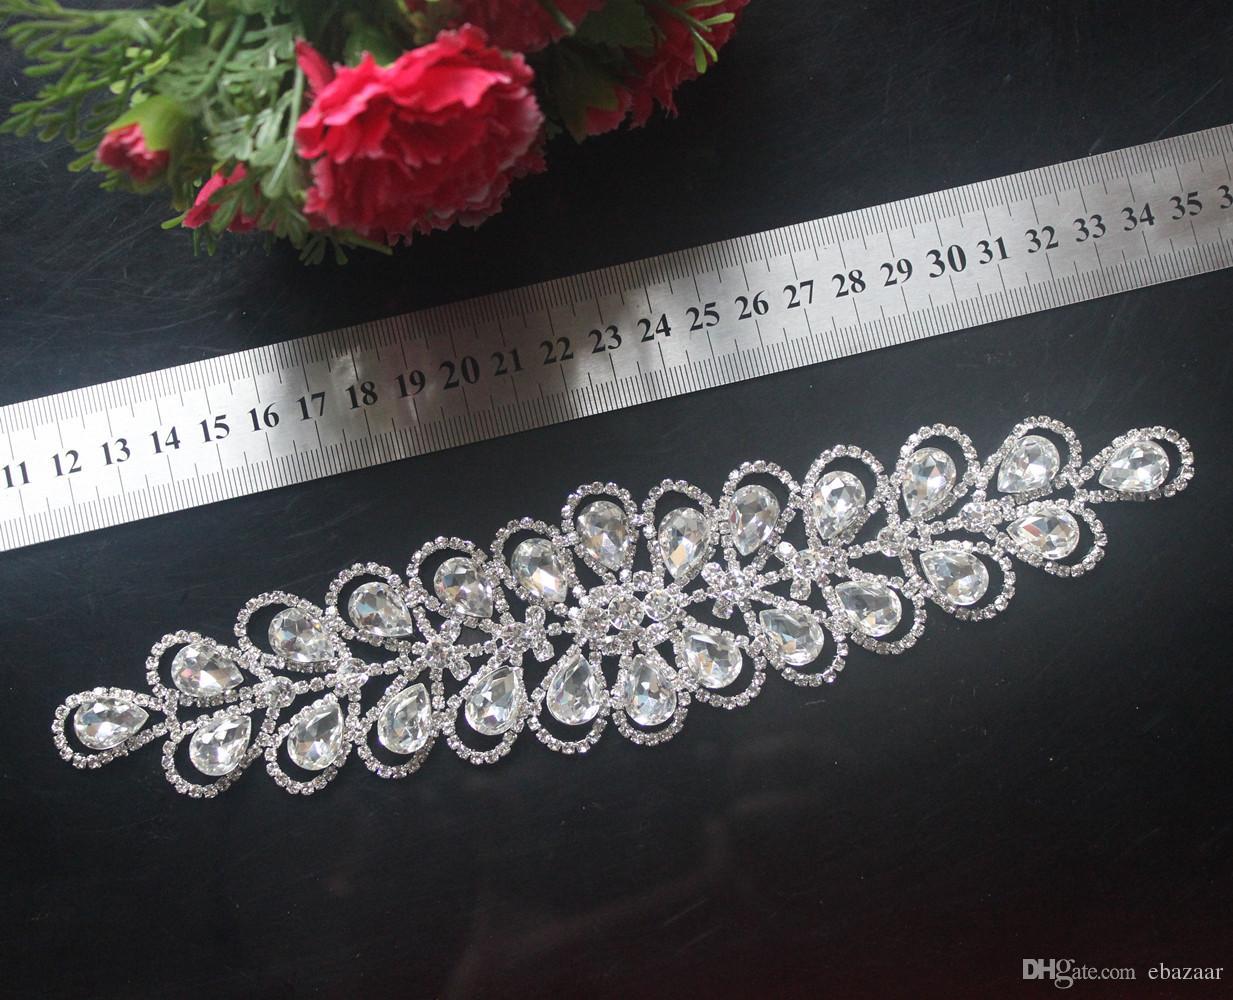 strass garniture de mariage mariée coudre sur la robe appliques robe de mariée Sash-Asie-Ivoire satin ceinture ceinture décoration